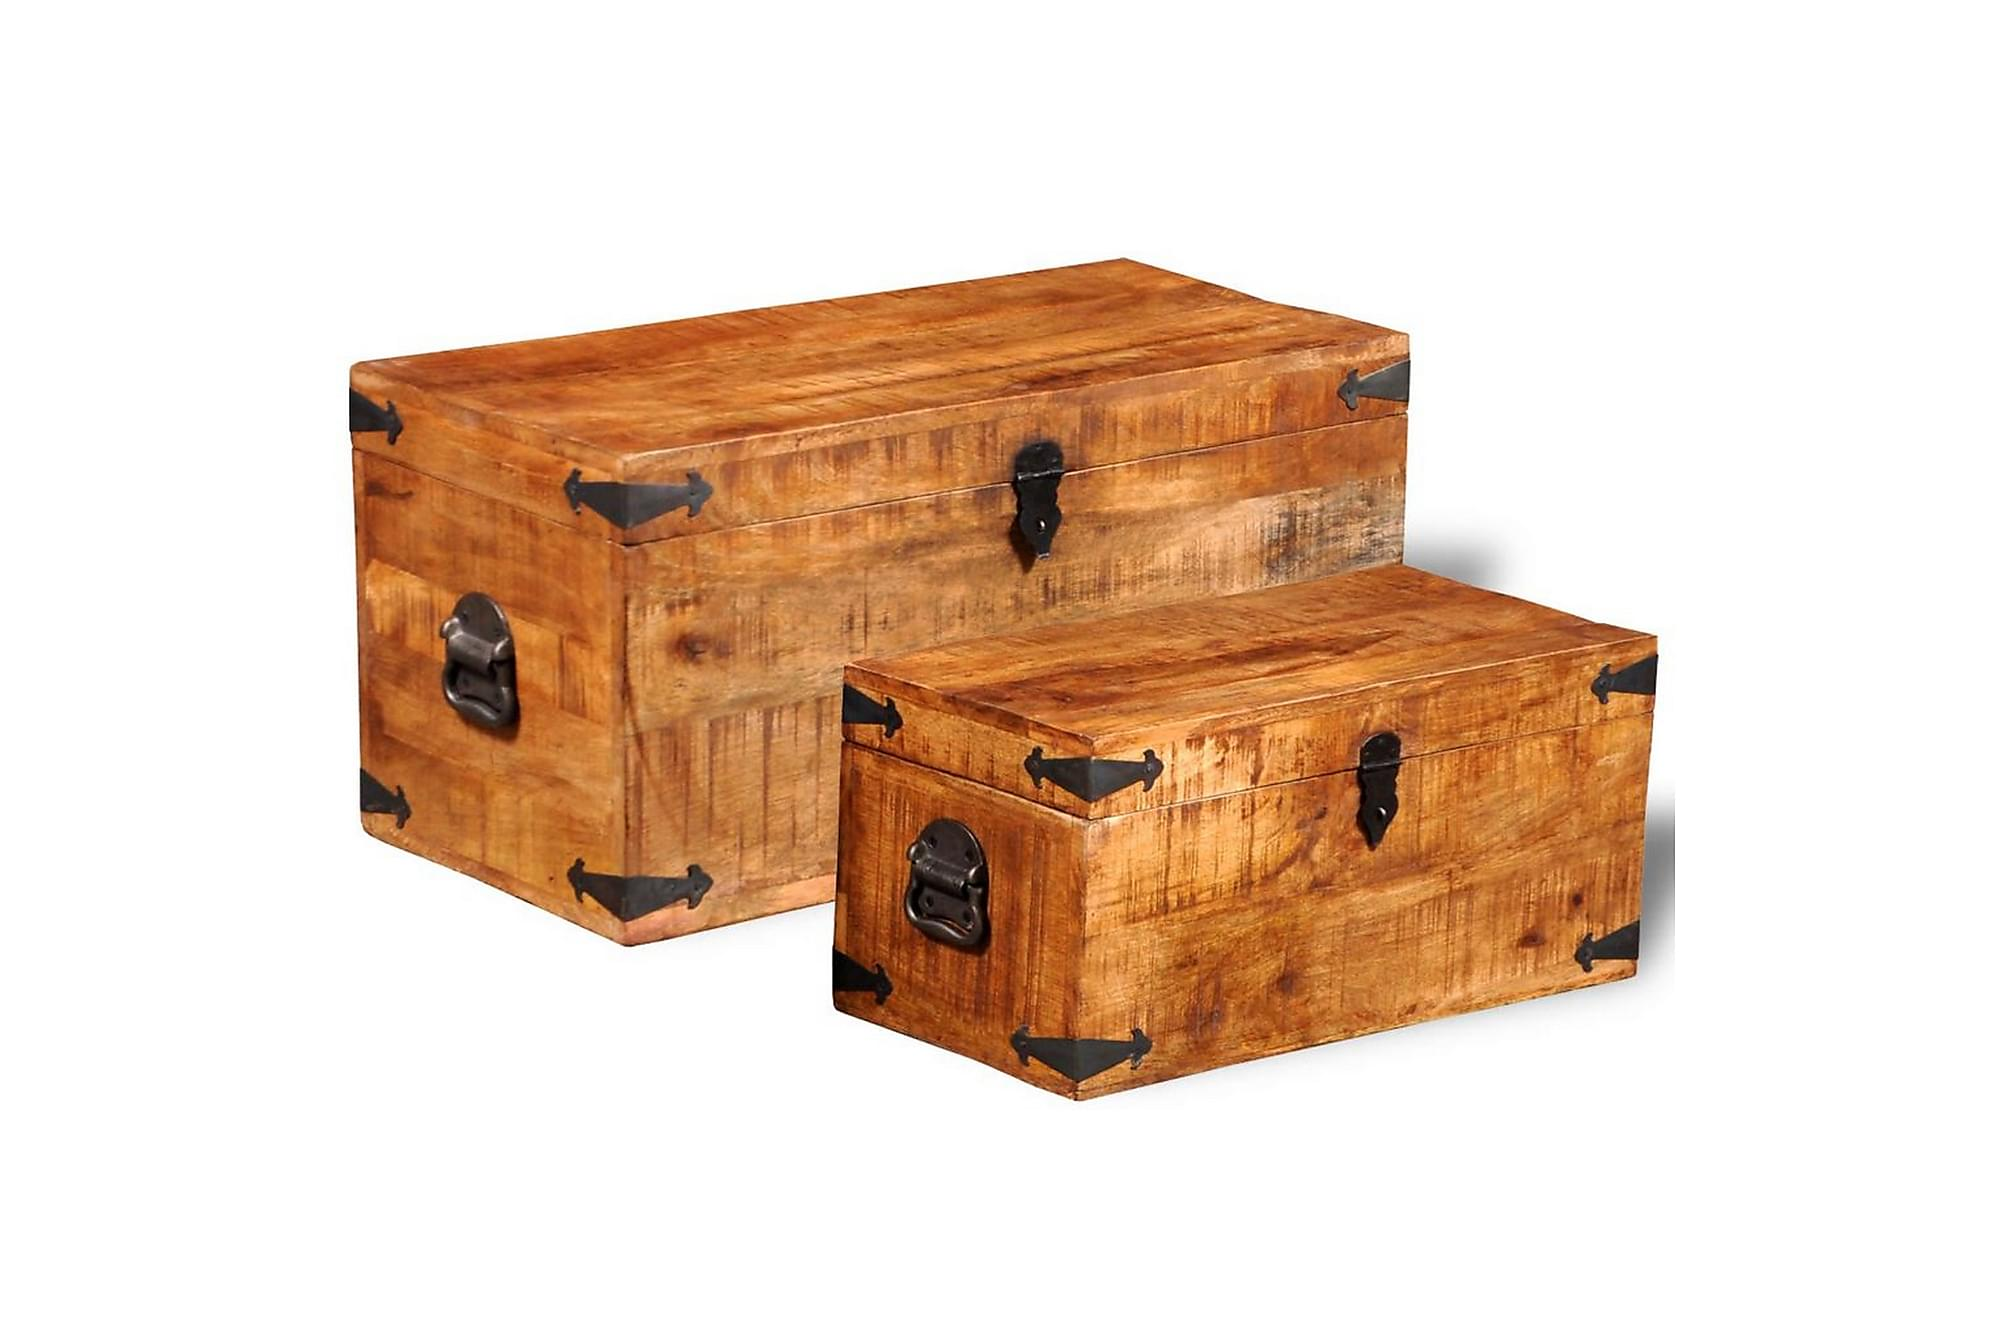 Förvaringskista set 2 st robust mangoträ, Förvaringskistor & sängkistor